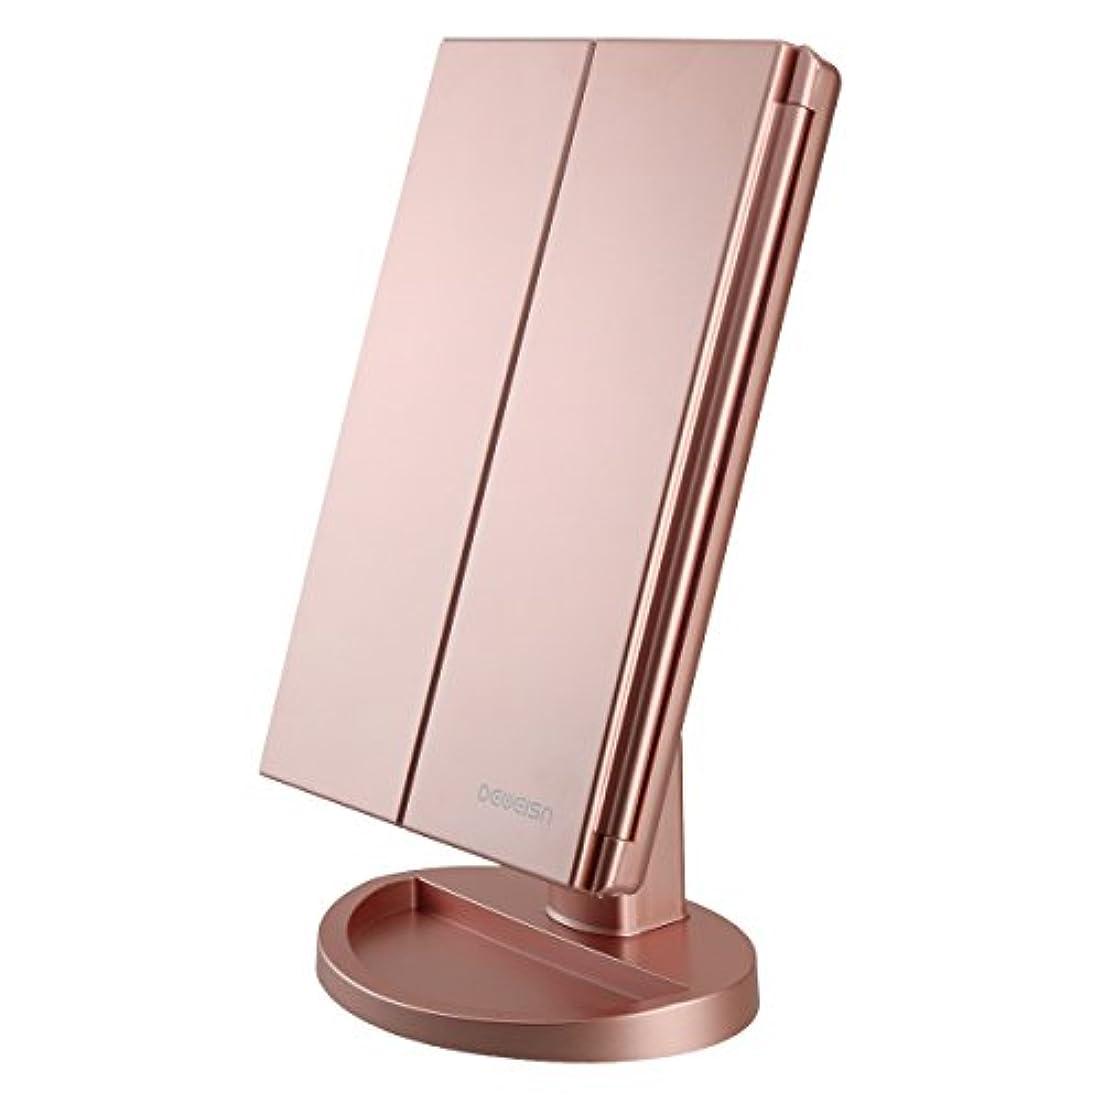 ベアリングサークル眠いです影卓上三面鏡 LED化粧鏡 電池交換可能 2倍&3倍拡大鏡付き 角度自由調整 明るさ調整可能 折り畳み式 LEDライト21個 全3色 スタンド ミラー (ローズゴールド)